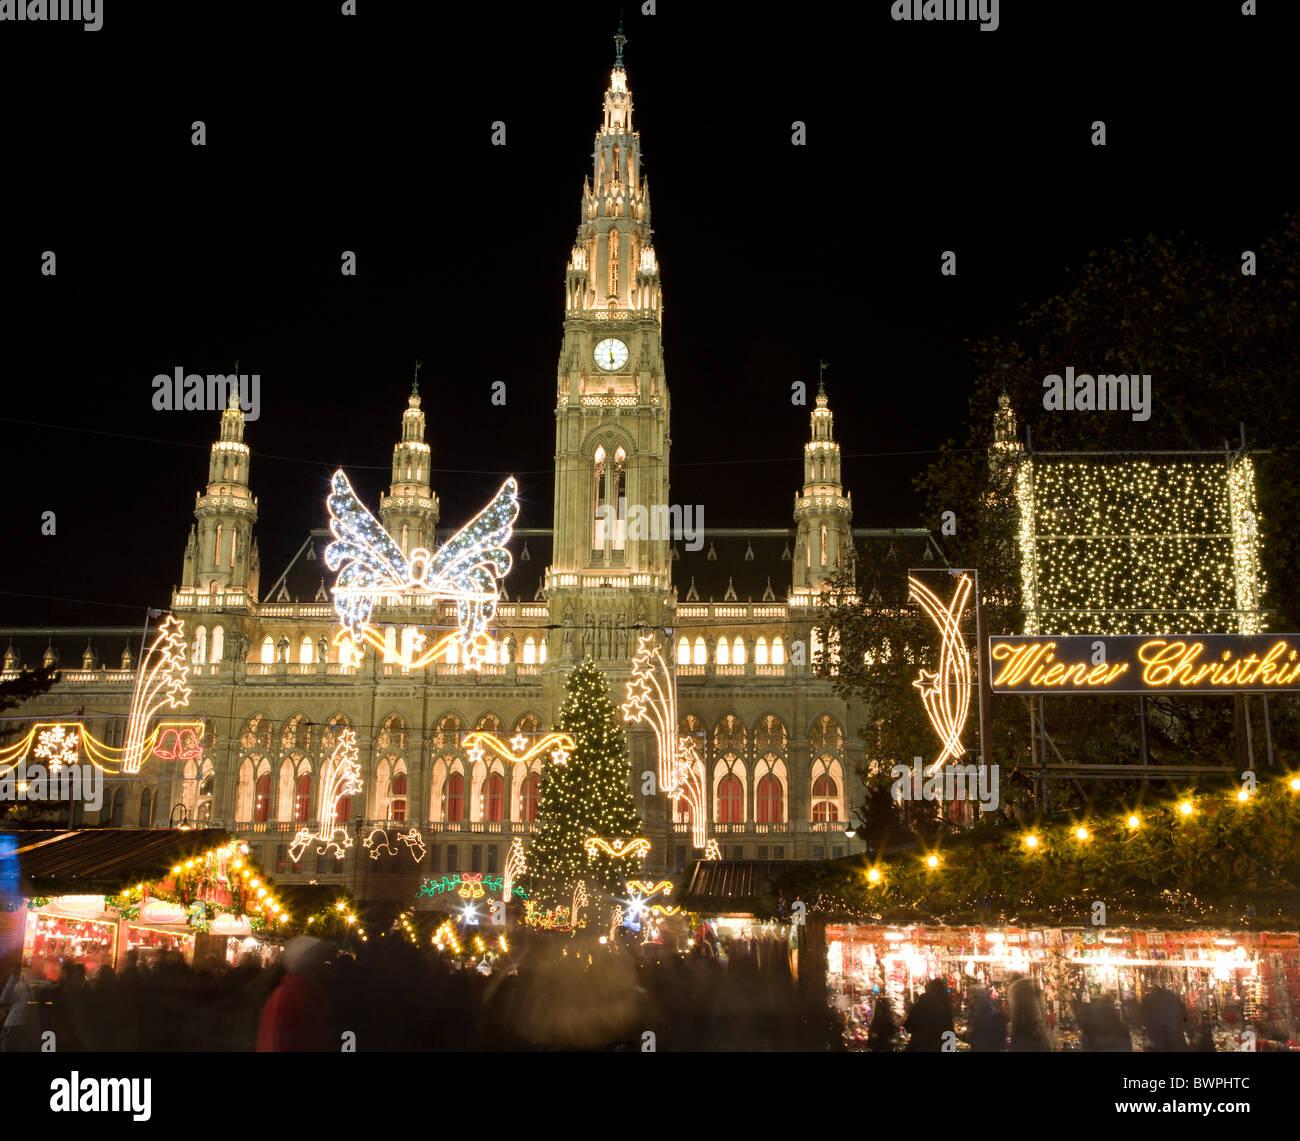 Vienna Christmas Stock Photos & Vienna Christmas Stock Images - Alamy